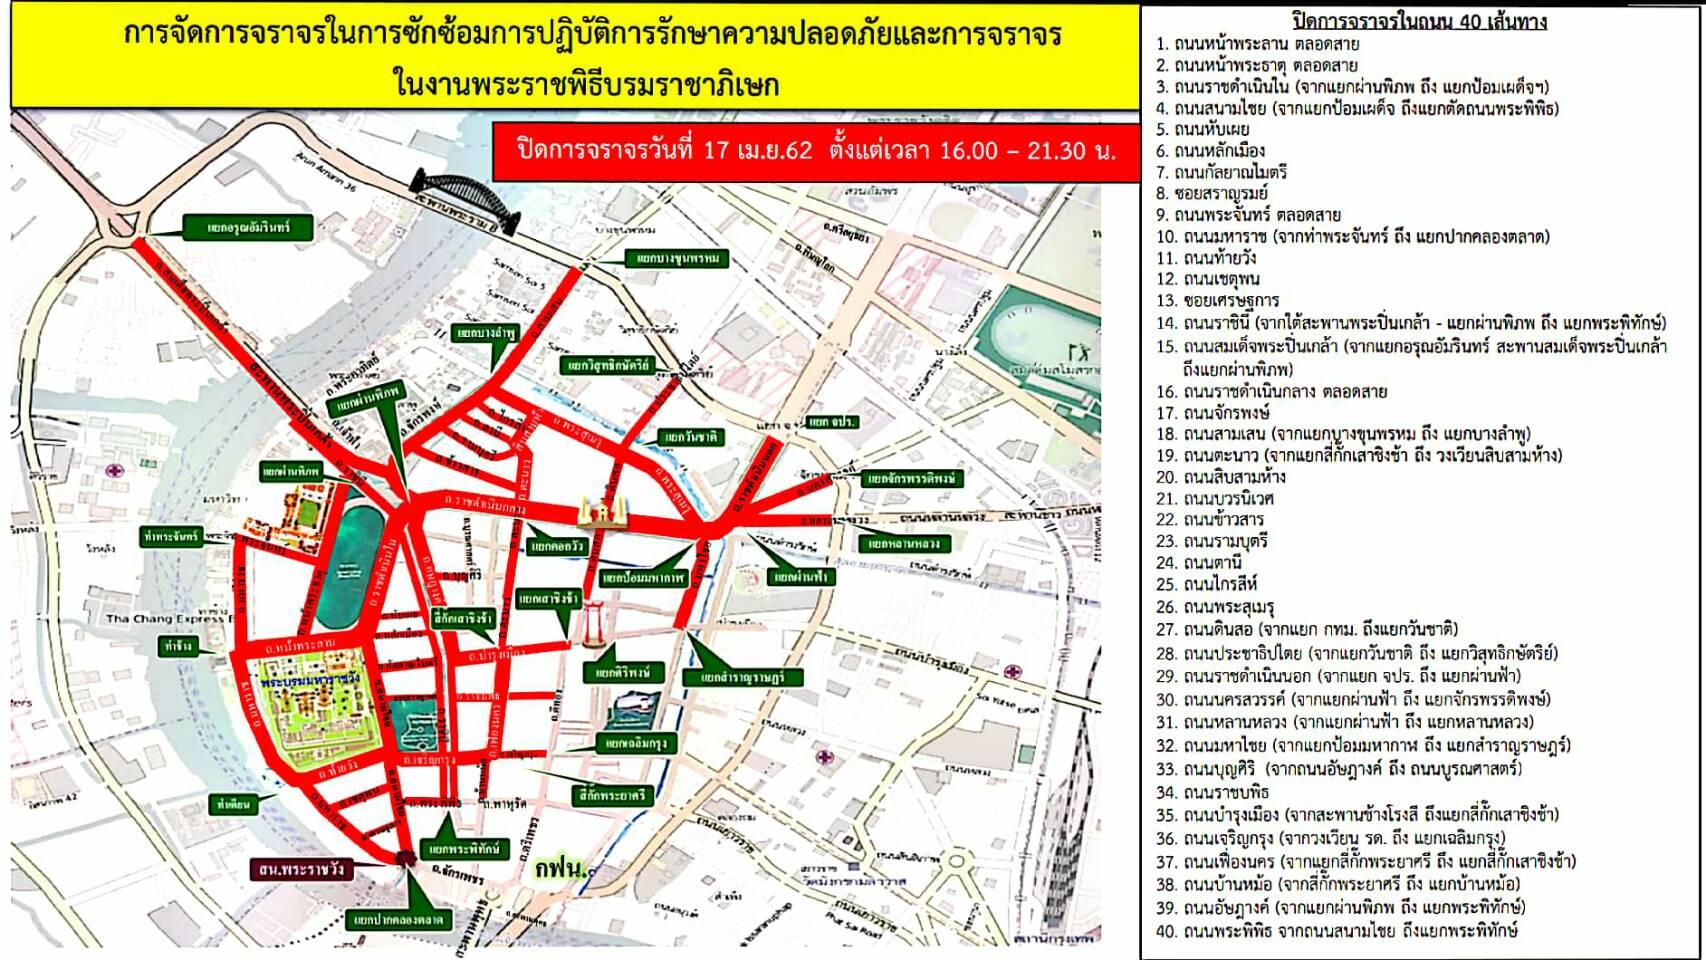 21 เม.ย. ปิดถนนกรุงเทพ 40 เส้นทาง ซ้อมงานพระราชพิธีบรมราชาภิเษก | News by The Thaiger